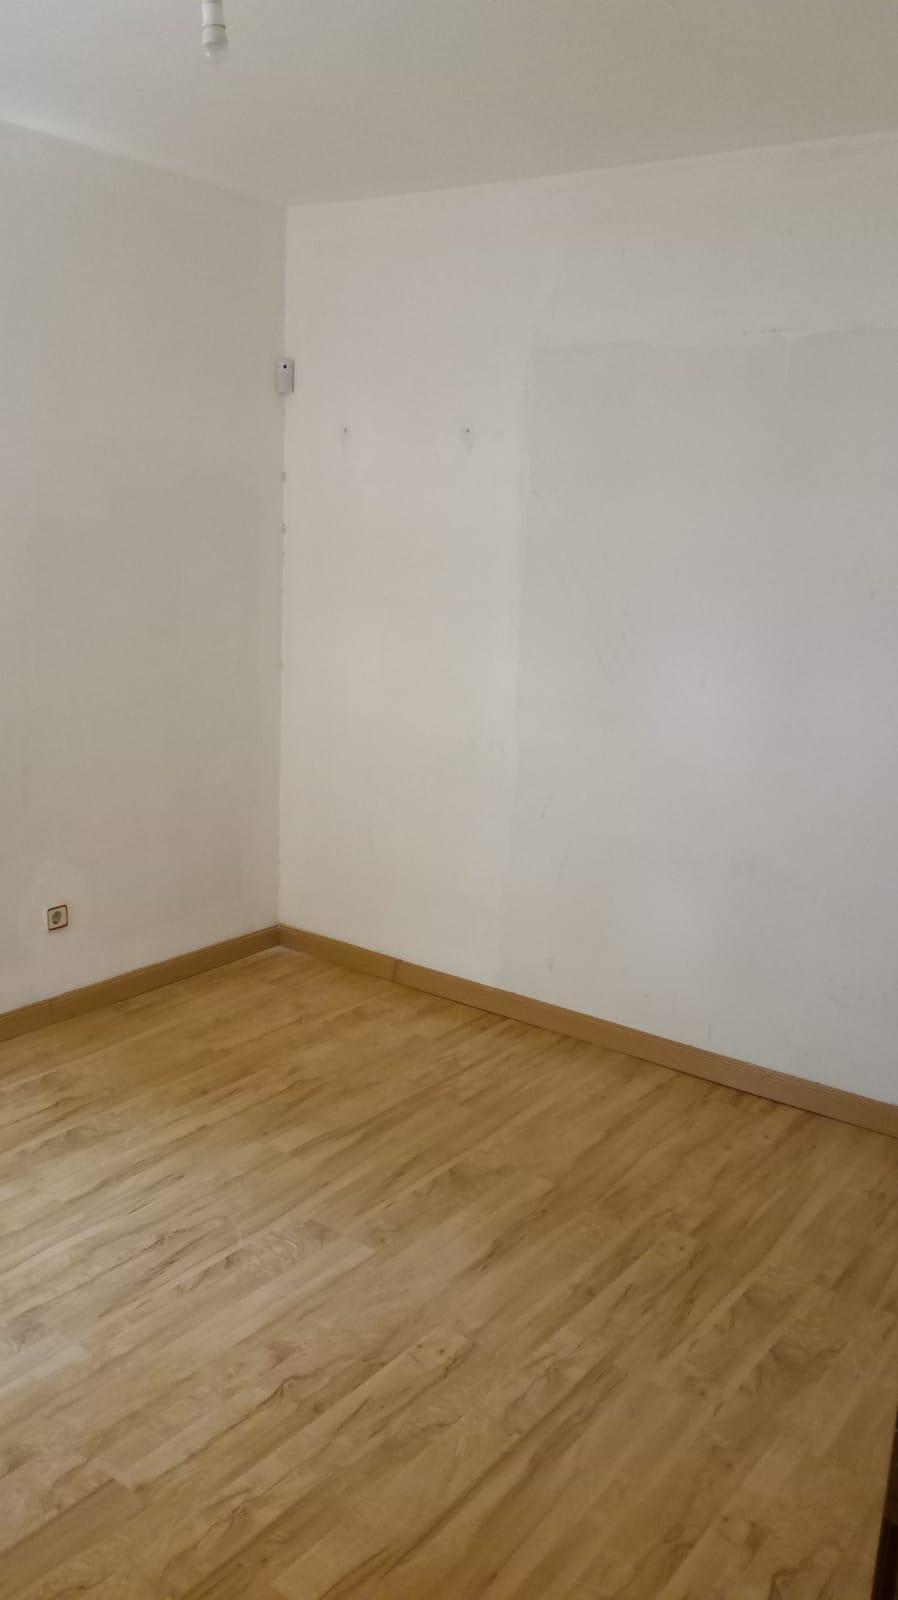 Piso en venta en Getafe, Madrid, Calle del Jazmin, 84.000 €, 3 habitaciones, 1 baño, 60 m2